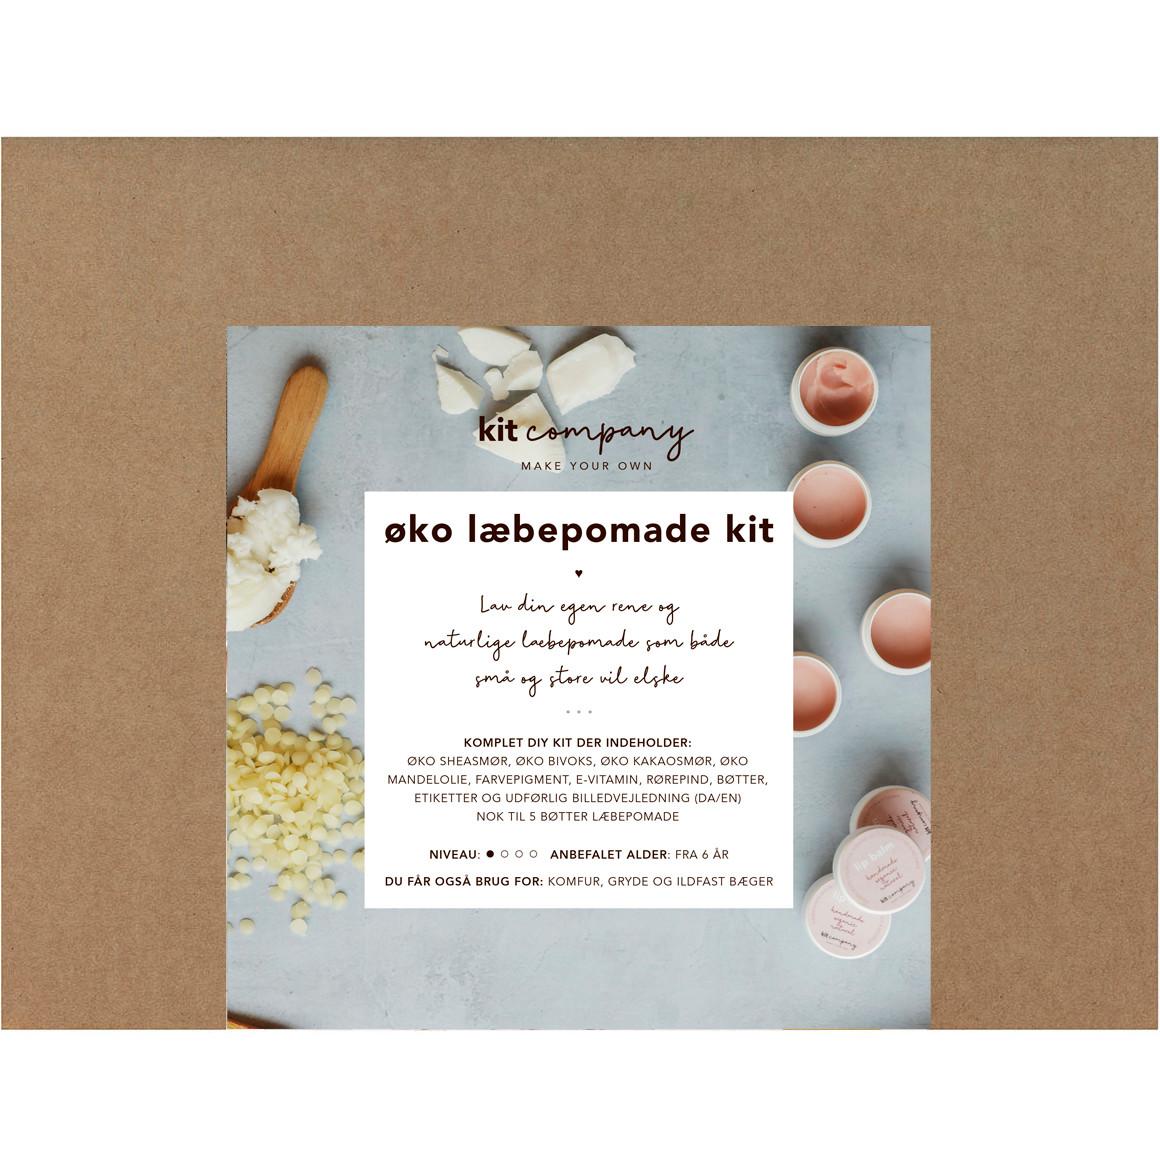 Kit Company Økologisk Læbepomade Kit